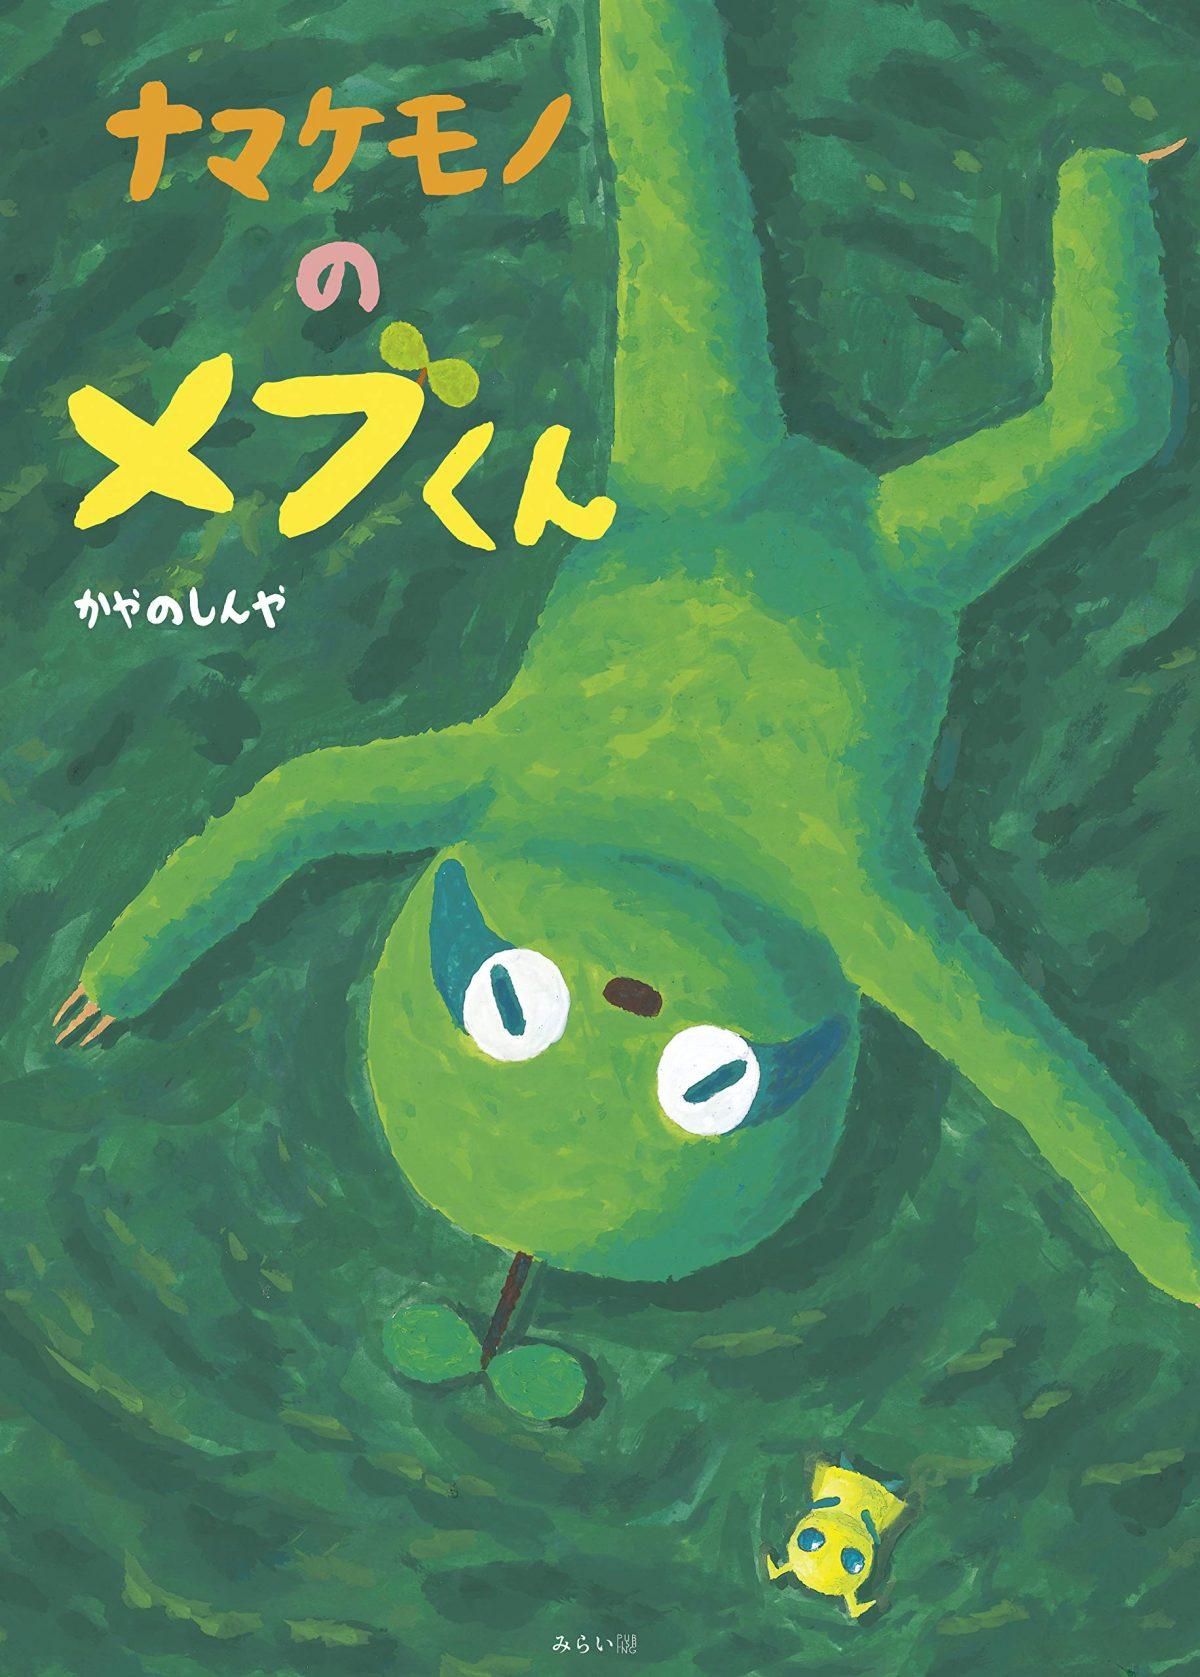 絵本「ナマケモノのメブくん」の表紙